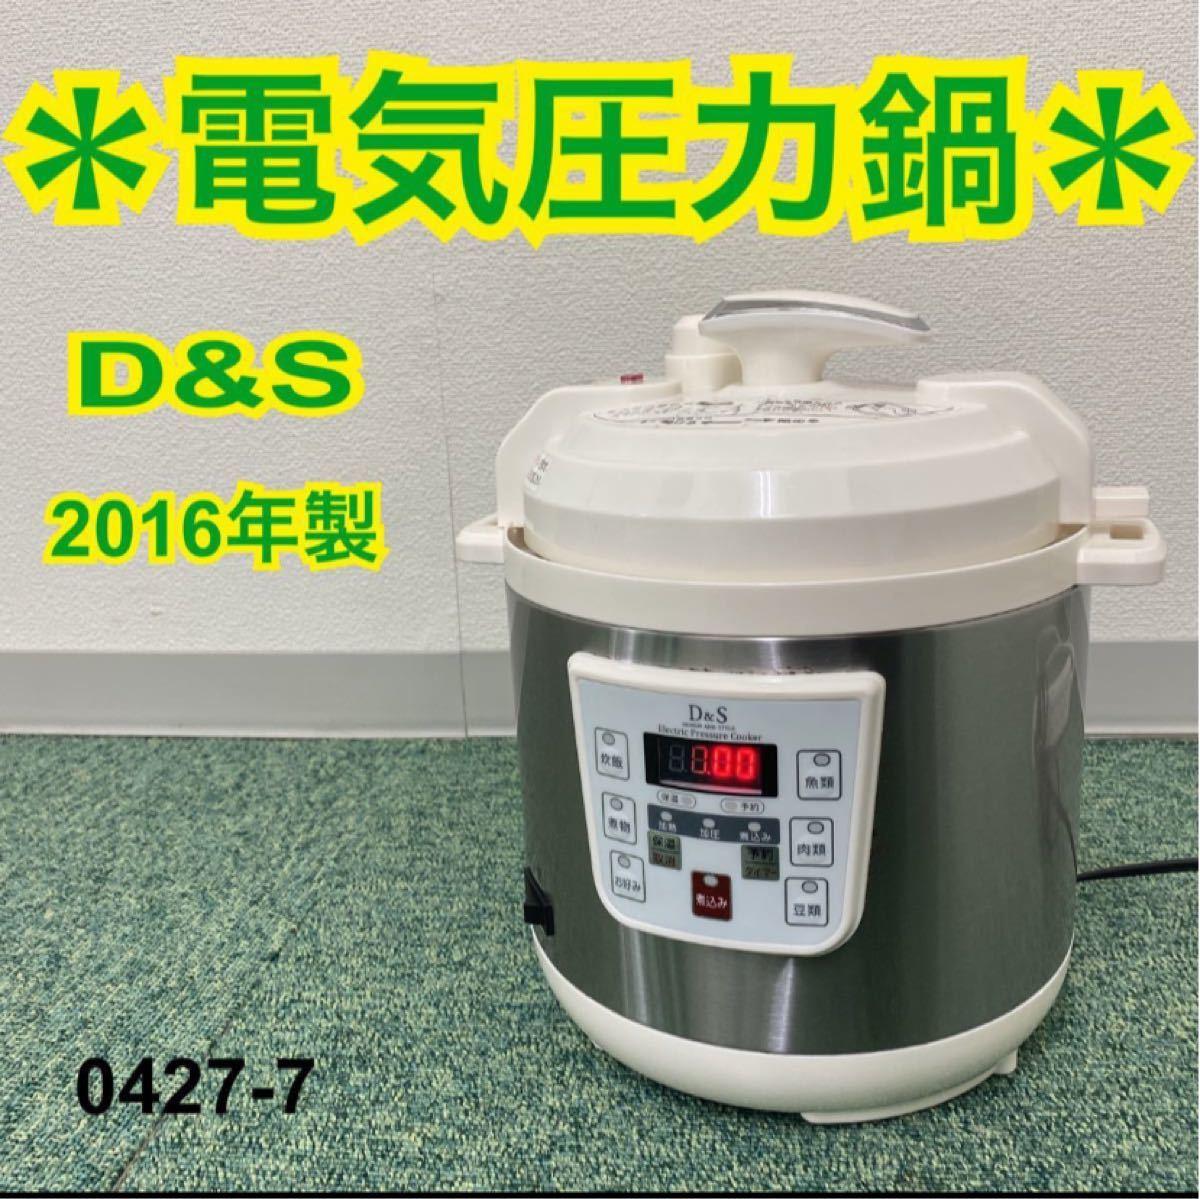 【送料無料】【美品】電気圧力鍋 D&S